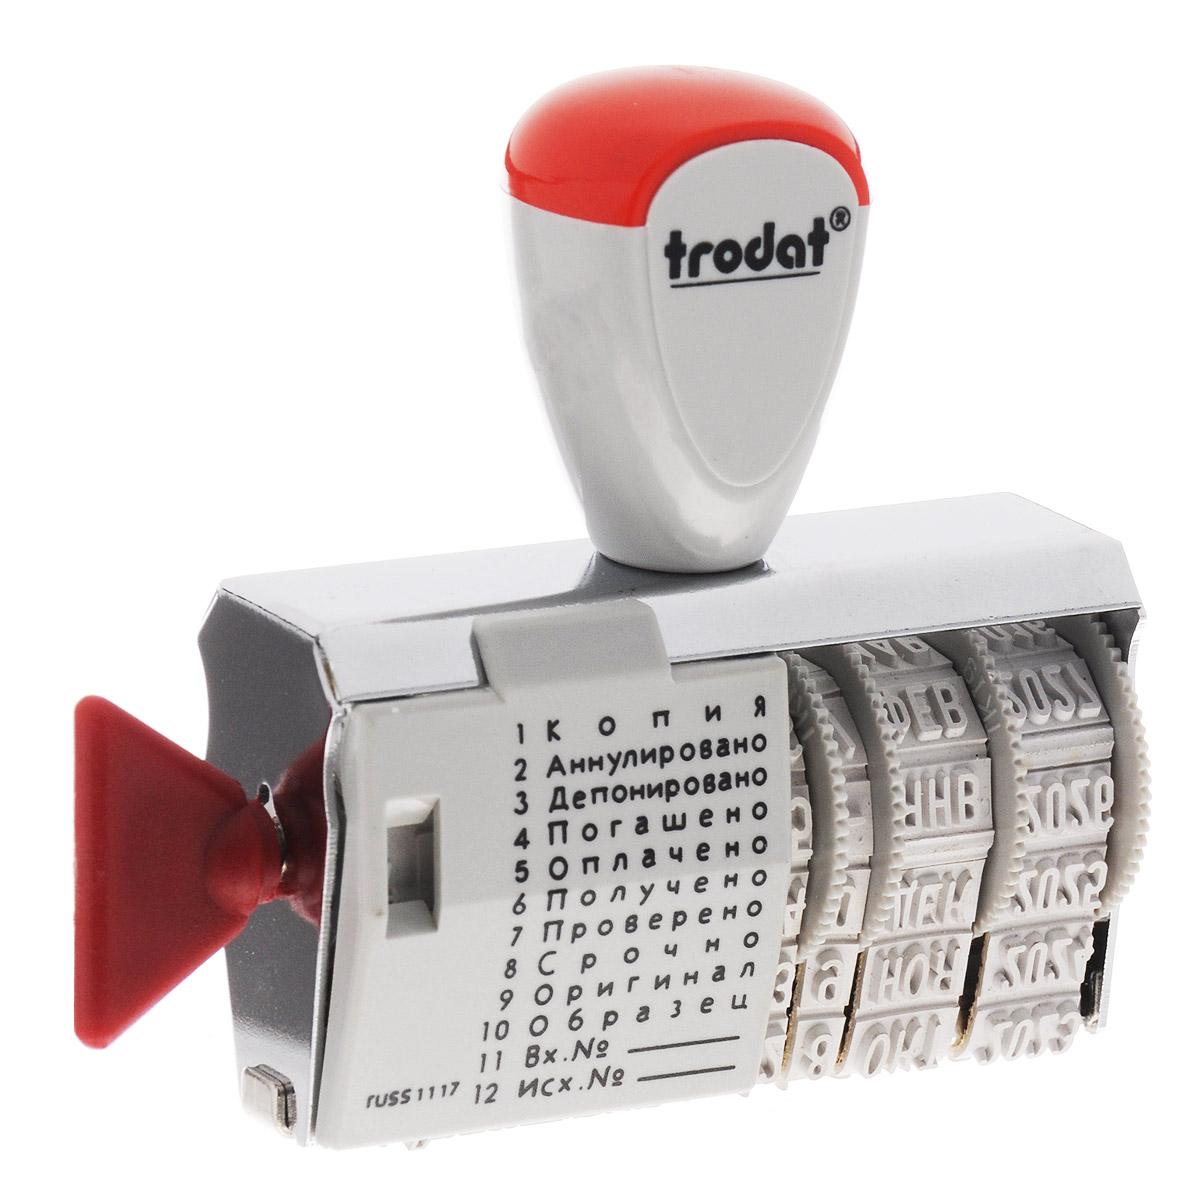 Trodat Датер ленточный 12 бухгалтерских терминов1117Ленточный однострочный датер Trodat имеет удобную рукоятку и металлический корпус. Для получения оттиска предварительно окрашивается при помощи настольной штемпельной подушки. Дата устанавливается при помощи колесиков. Месяц указывается прописью. Содержит 12 бухгалтерских терминов: копия, аннулировано, депонировано, погашено, оплачено, получено, проверено, срочно, оригинал, образец, входящий номер, исходящий номер. Устанавливаются вручную при помощи поворотного ключика. Язык - русский.